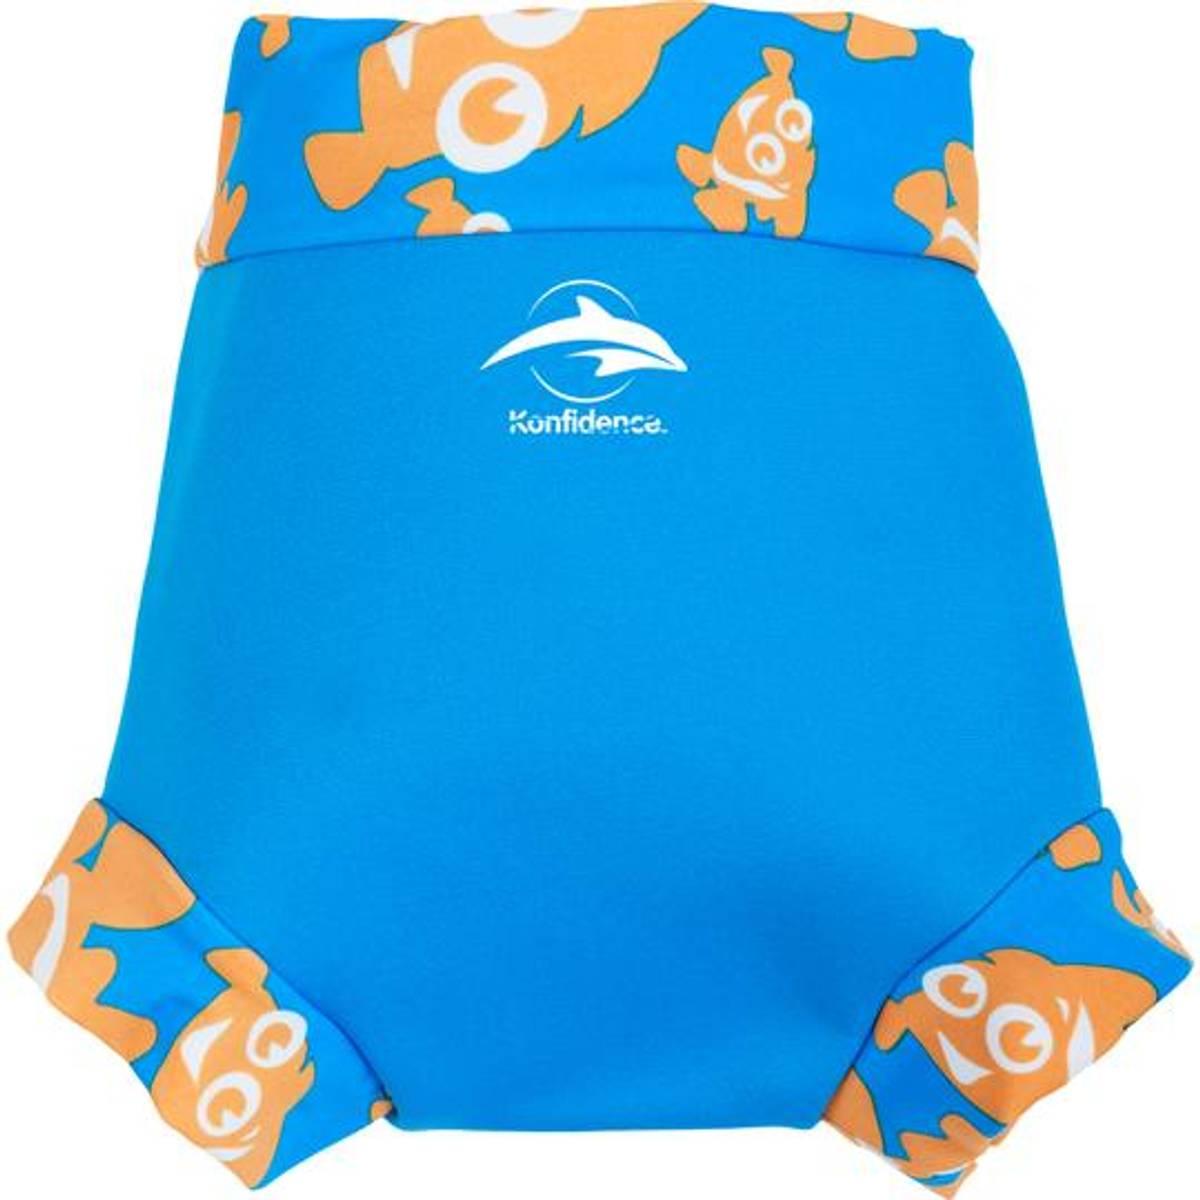 Konfidence Svømmebukse til Baby   Cyan/Clownfish   Large